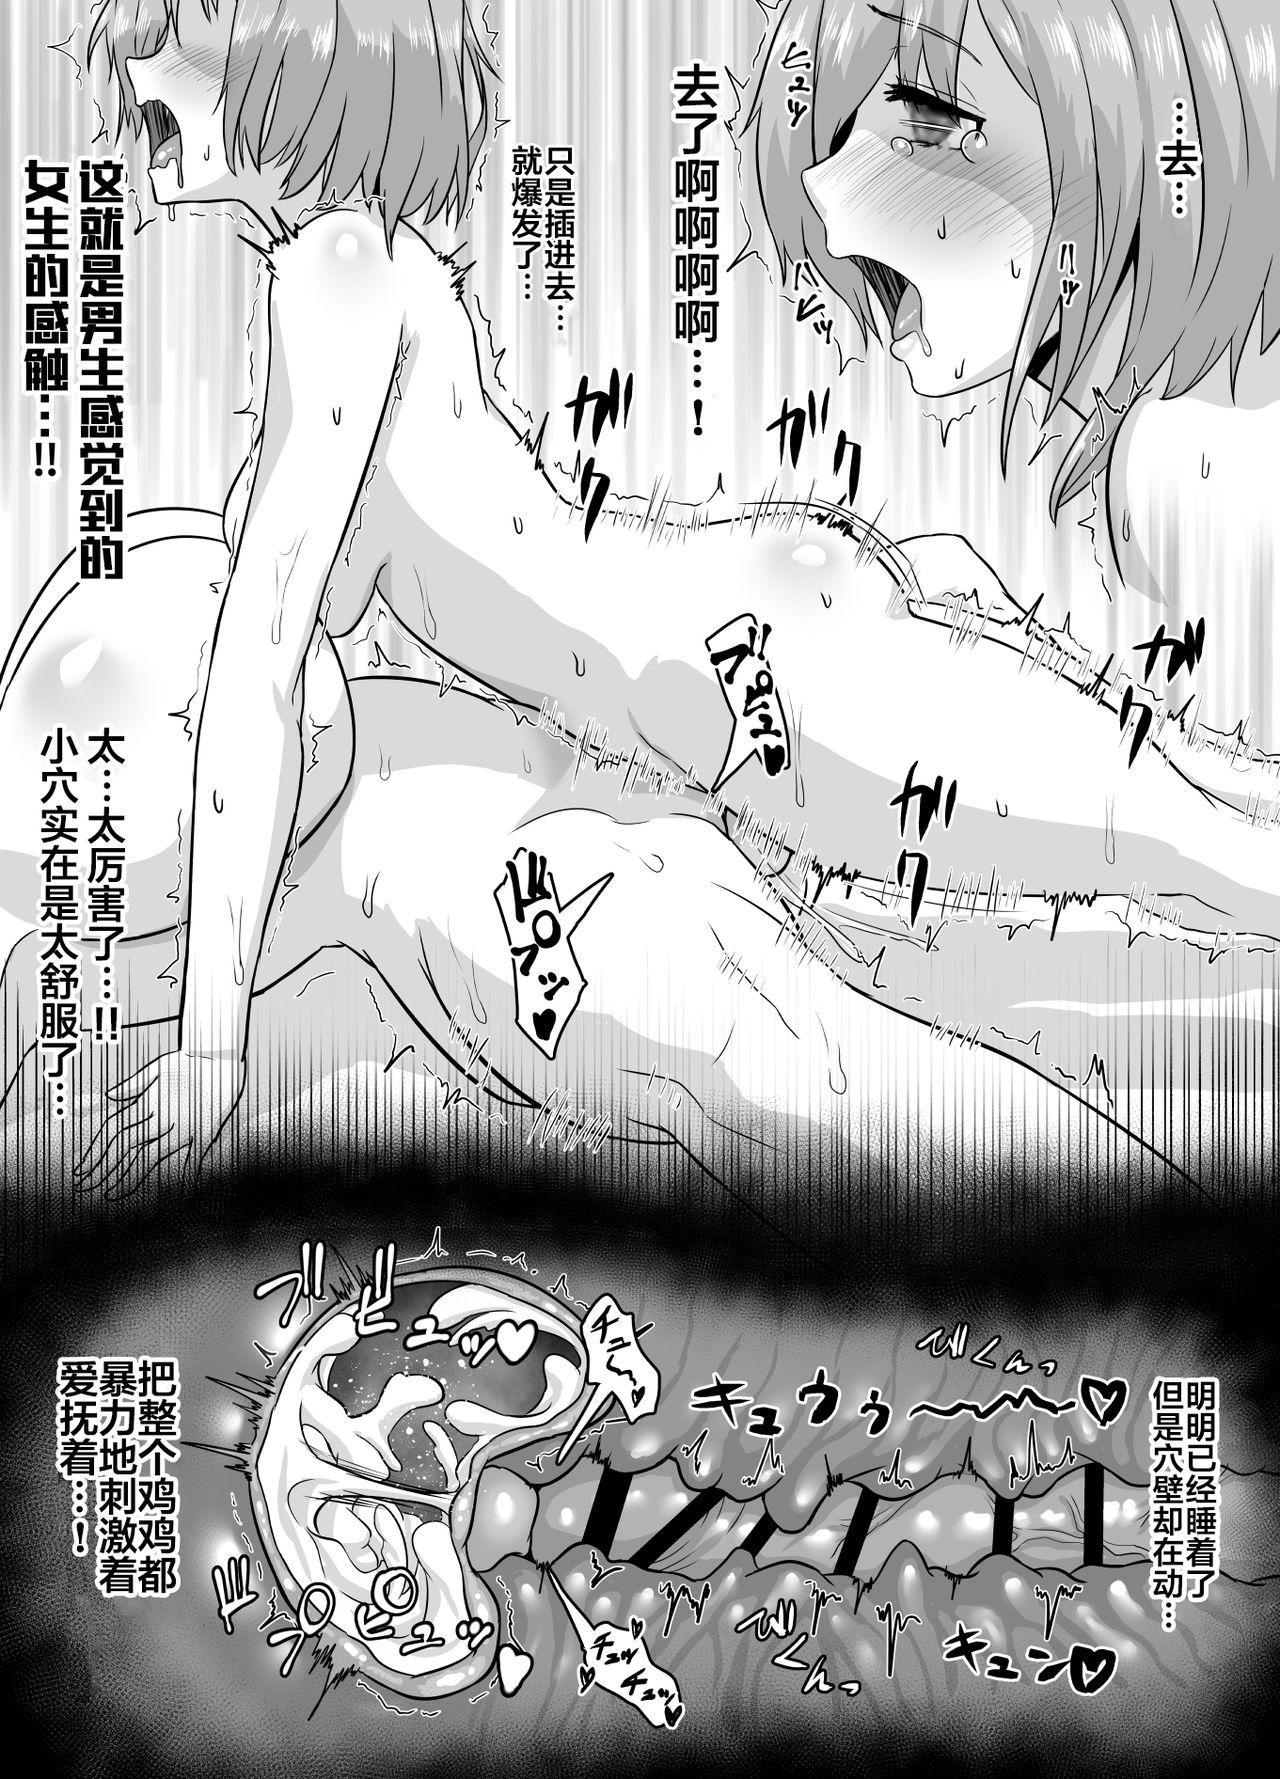 [Sadalsuud (Hoshiaka)] Seijun datta Hazu no Mashu wa Futanari no Yuuwaku ni Ochiru Dai-4-wa (Fate/Grand Order) [Chinese] [不咕鸟汉化组] 19